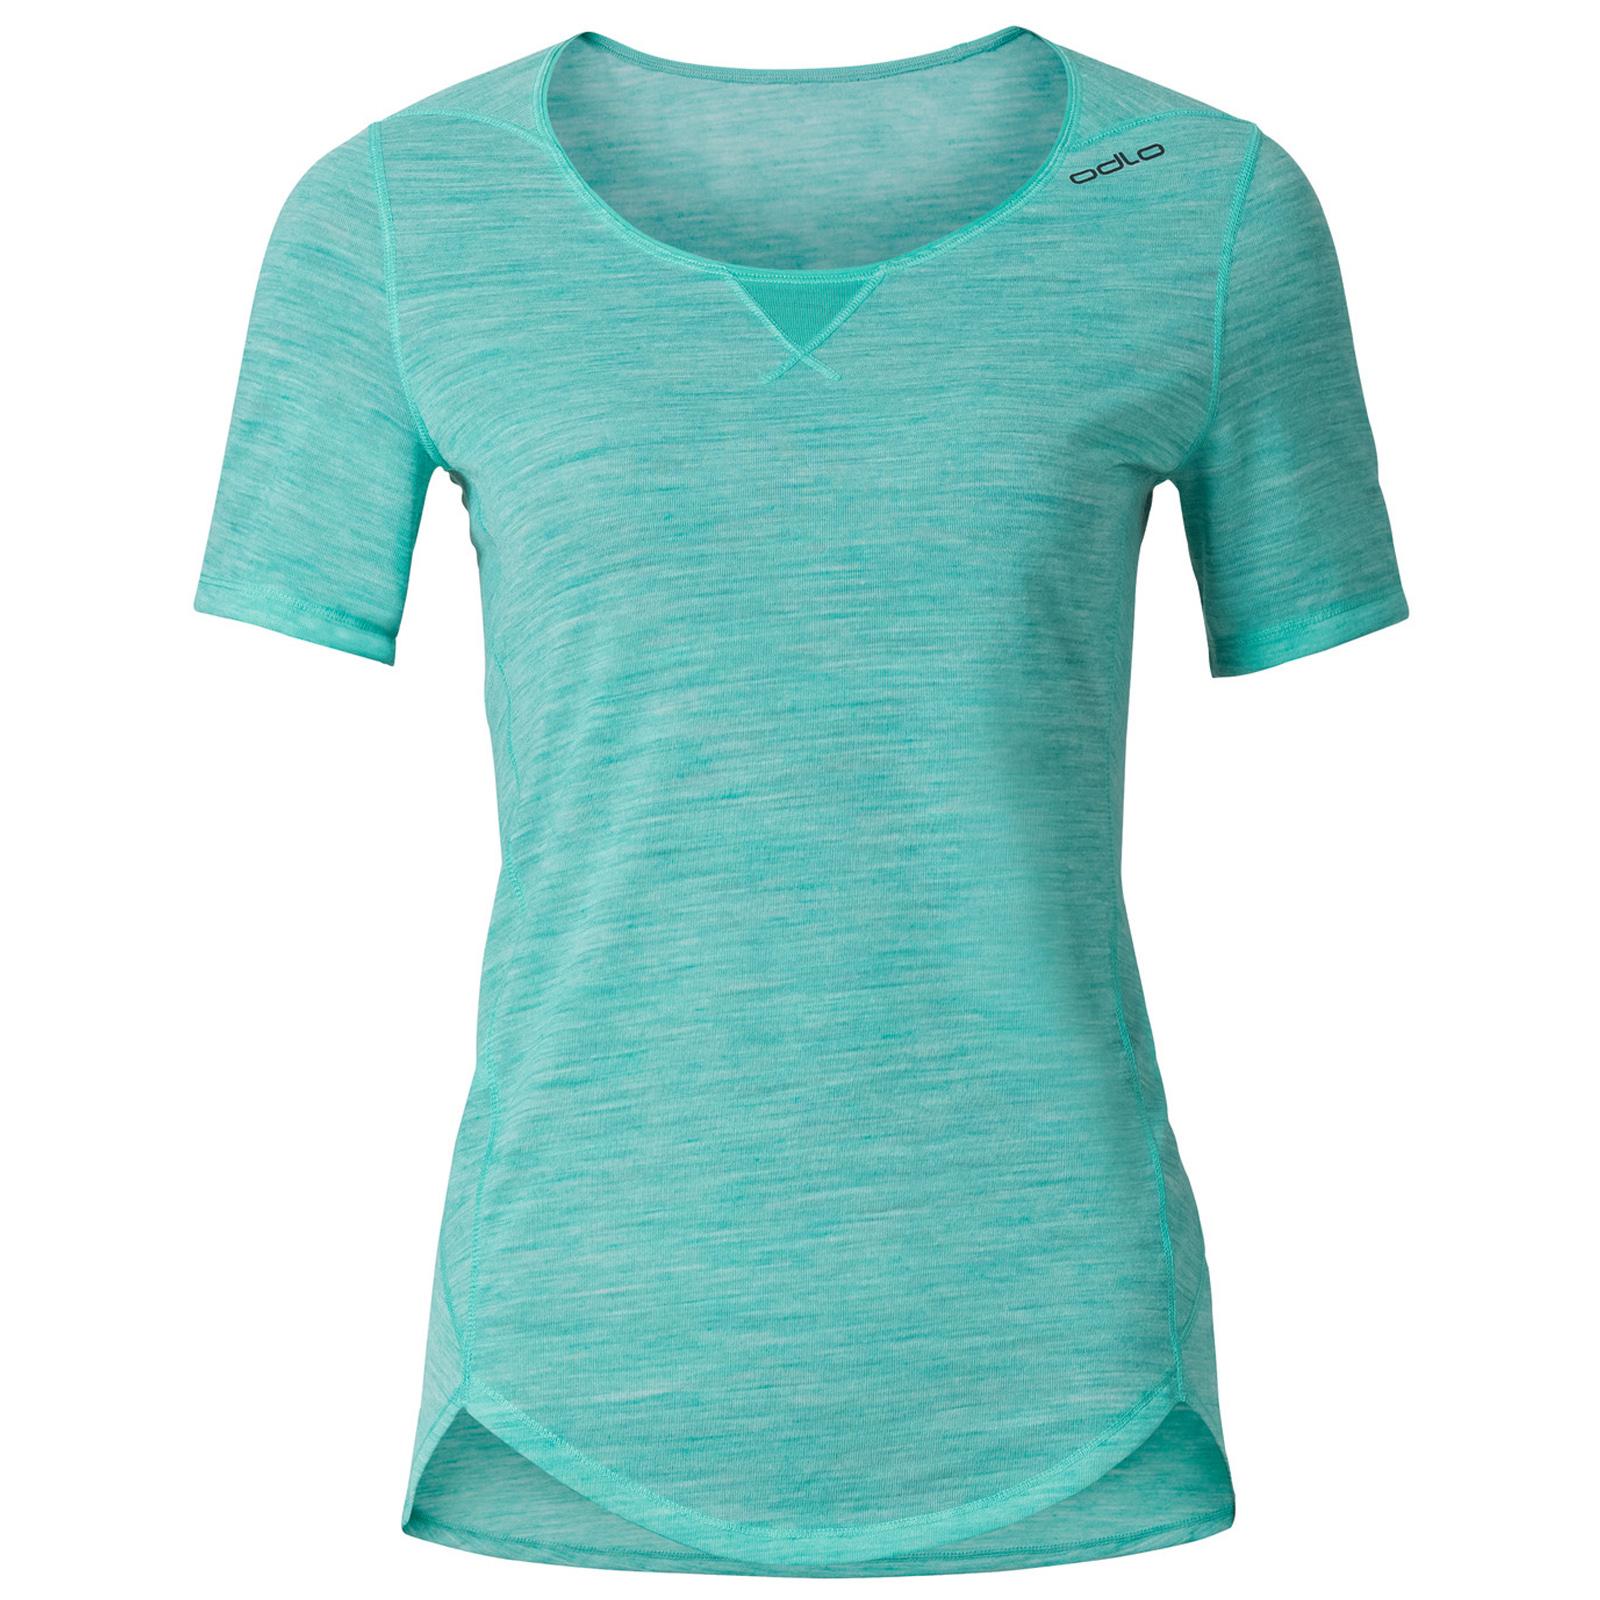 Odlo Revolution Lite S/S Shirt | Cockatoo Melange